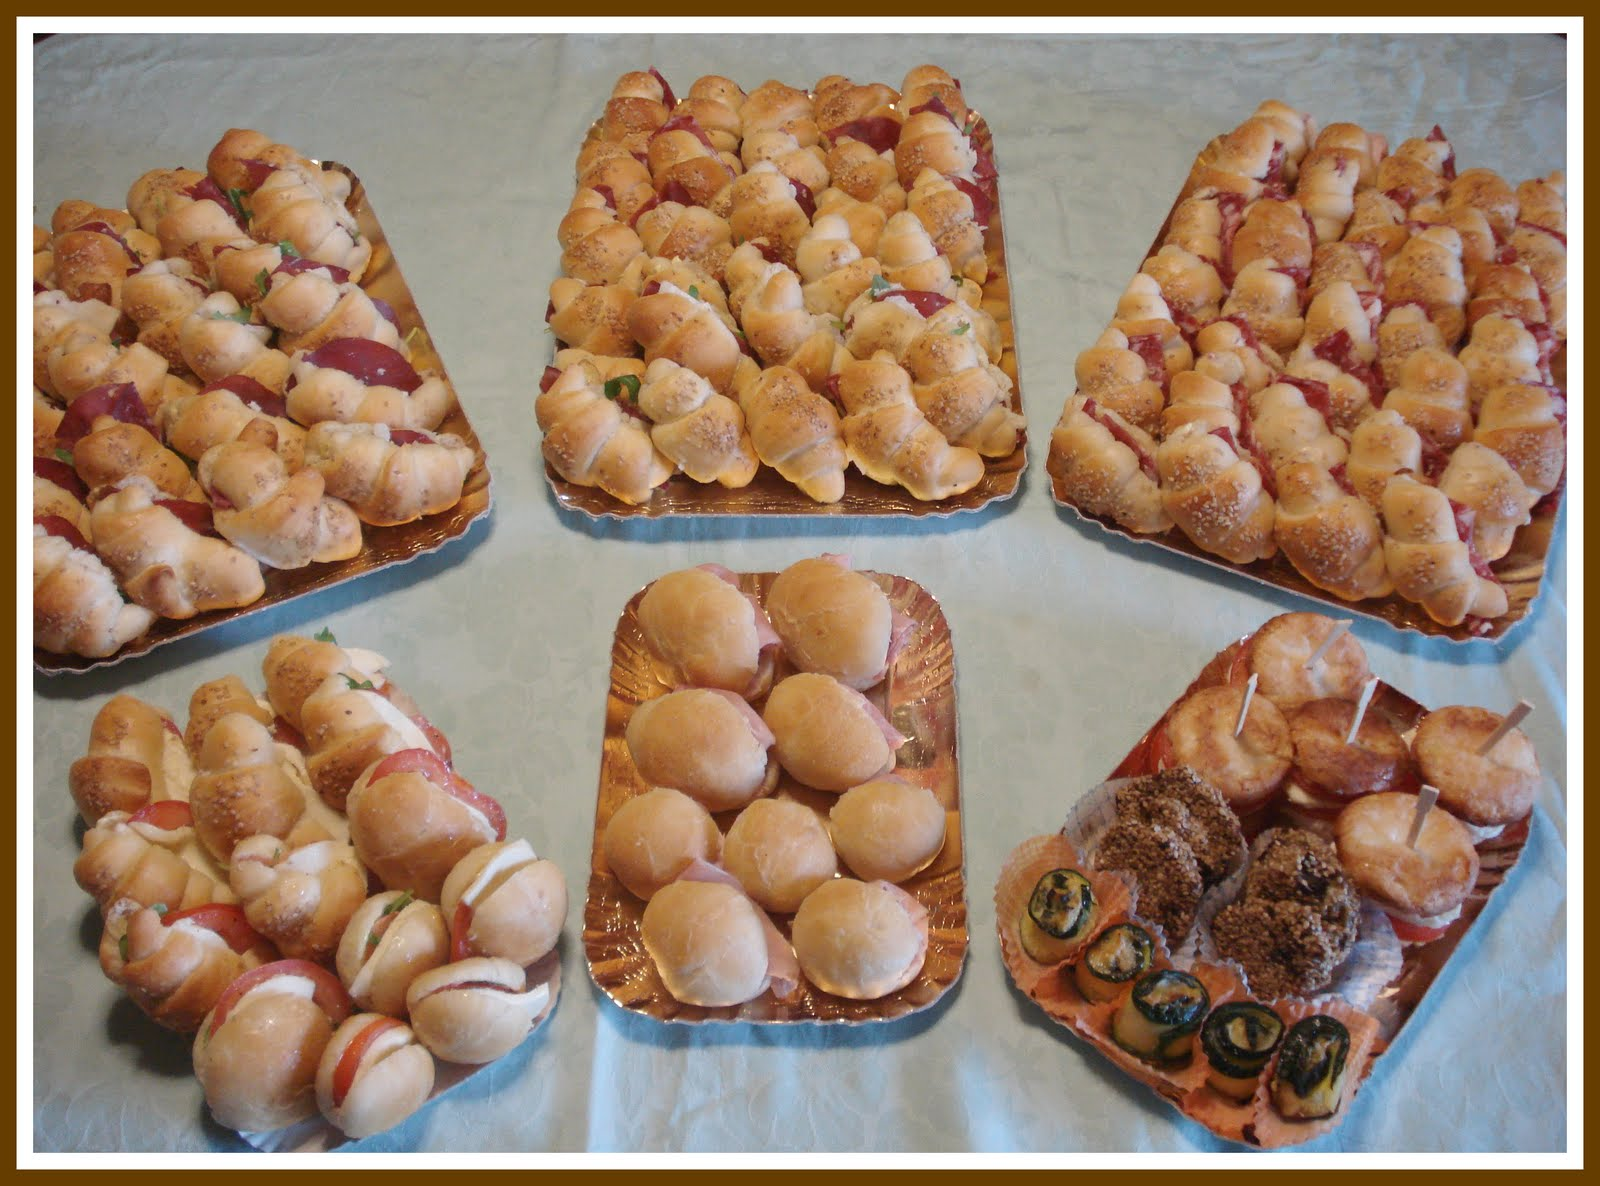 Buccia's Cakes: Il Buffet per il compleanno di Mattia